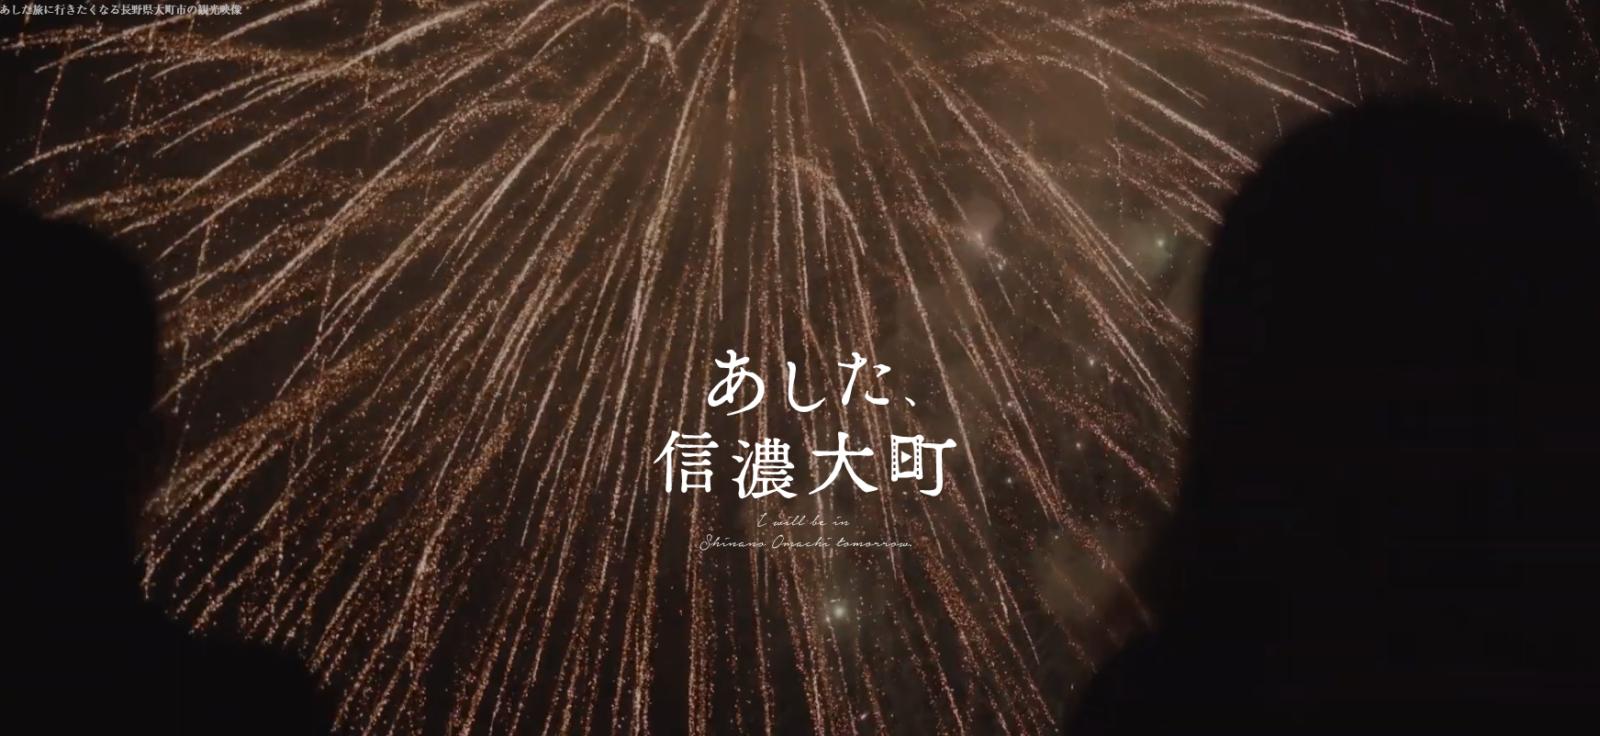 あした、信濃大町【映像・動画制作】